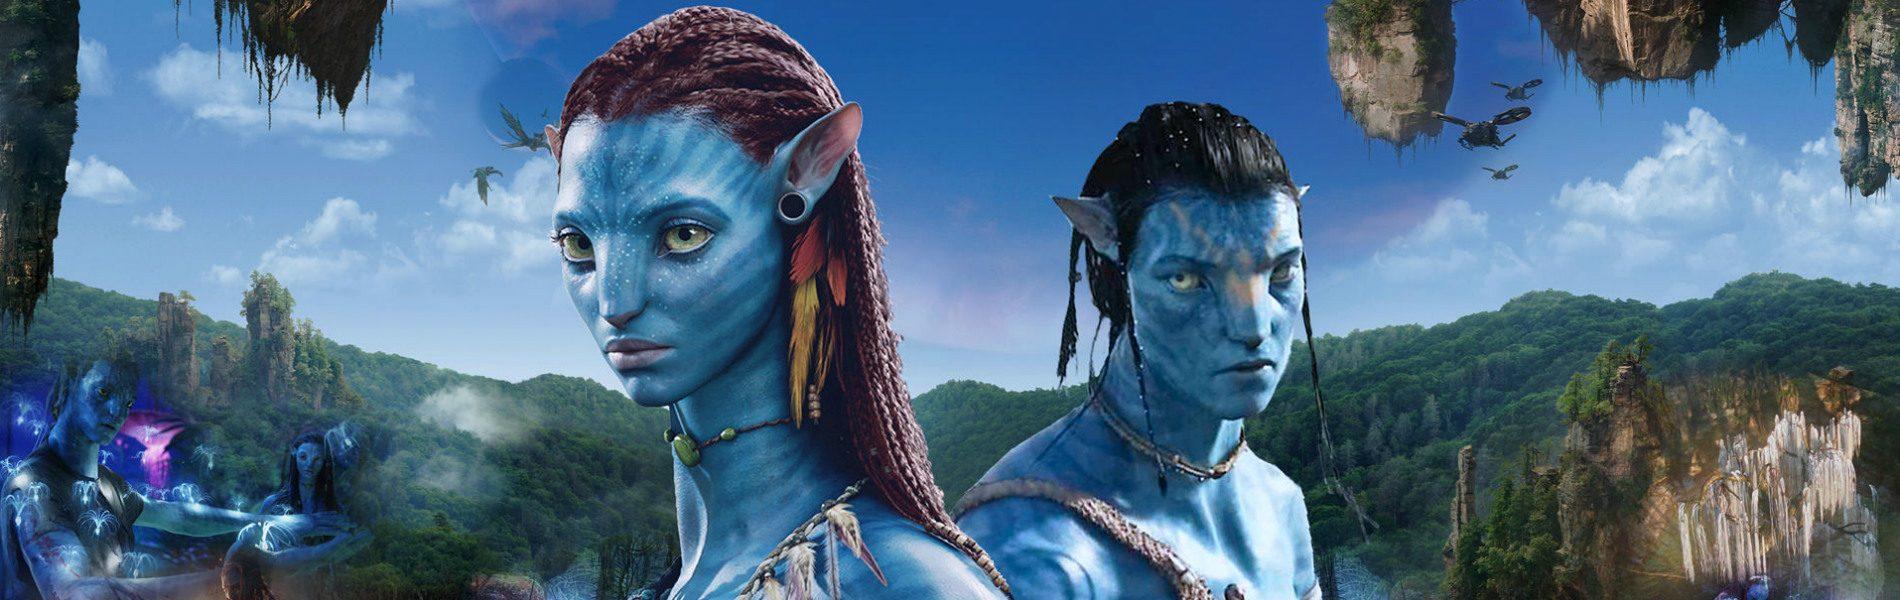 3D-s szemüveg nélkül élvezhetjük az Avatar 2-t